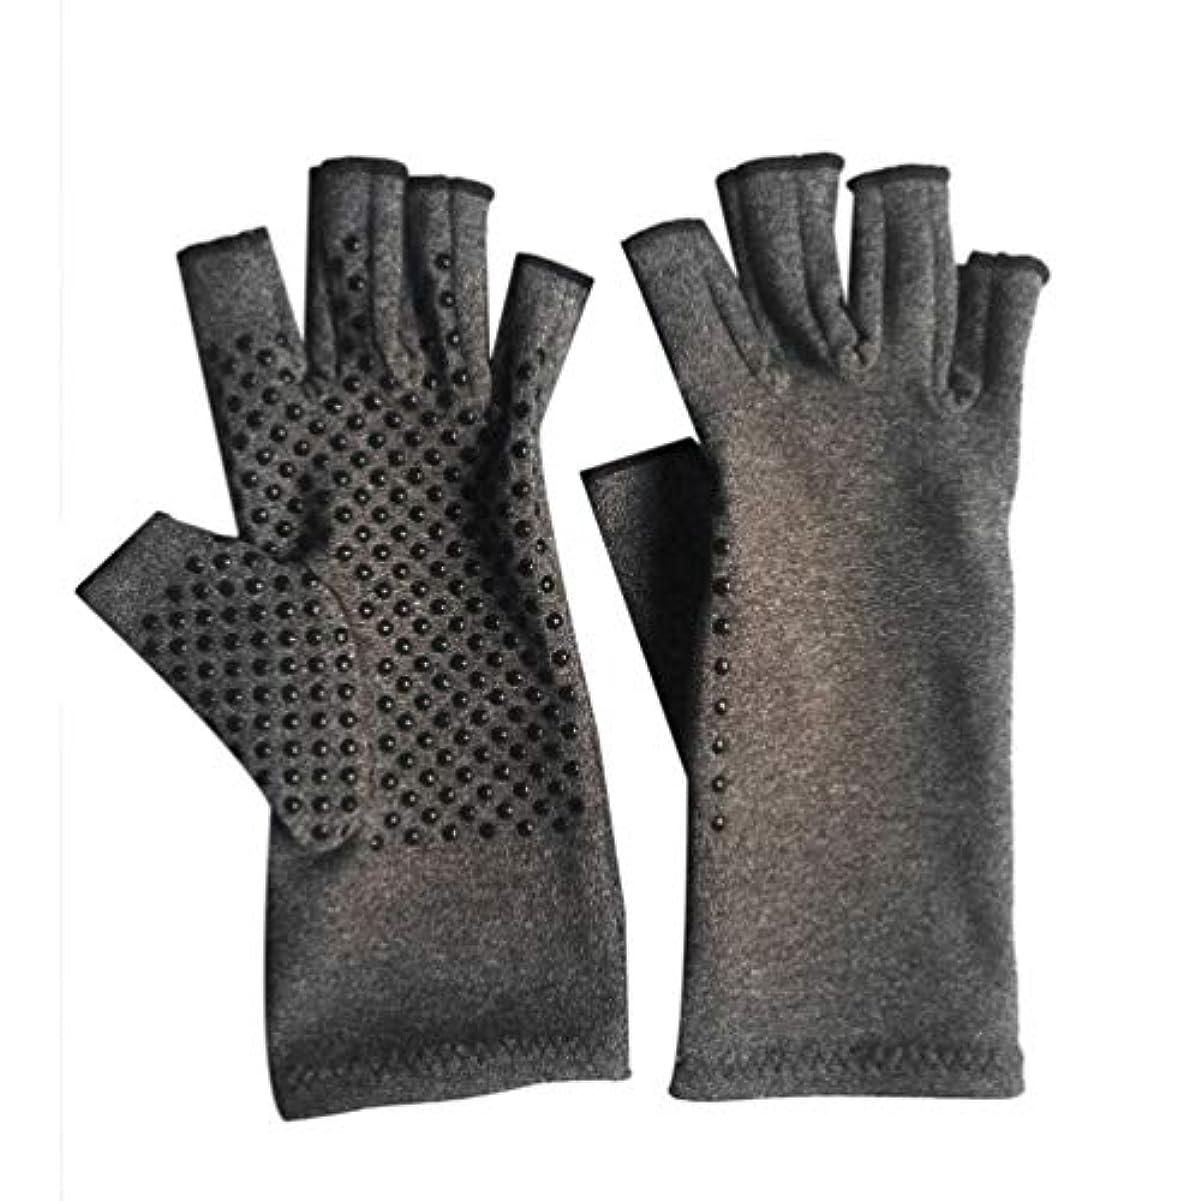 侵略列車輝度1ペアユニセックス男性女性療法圧縮手袋関節炎関節痛緩和ヘルスケア半指手袋トレーニング手袋 - グレーM